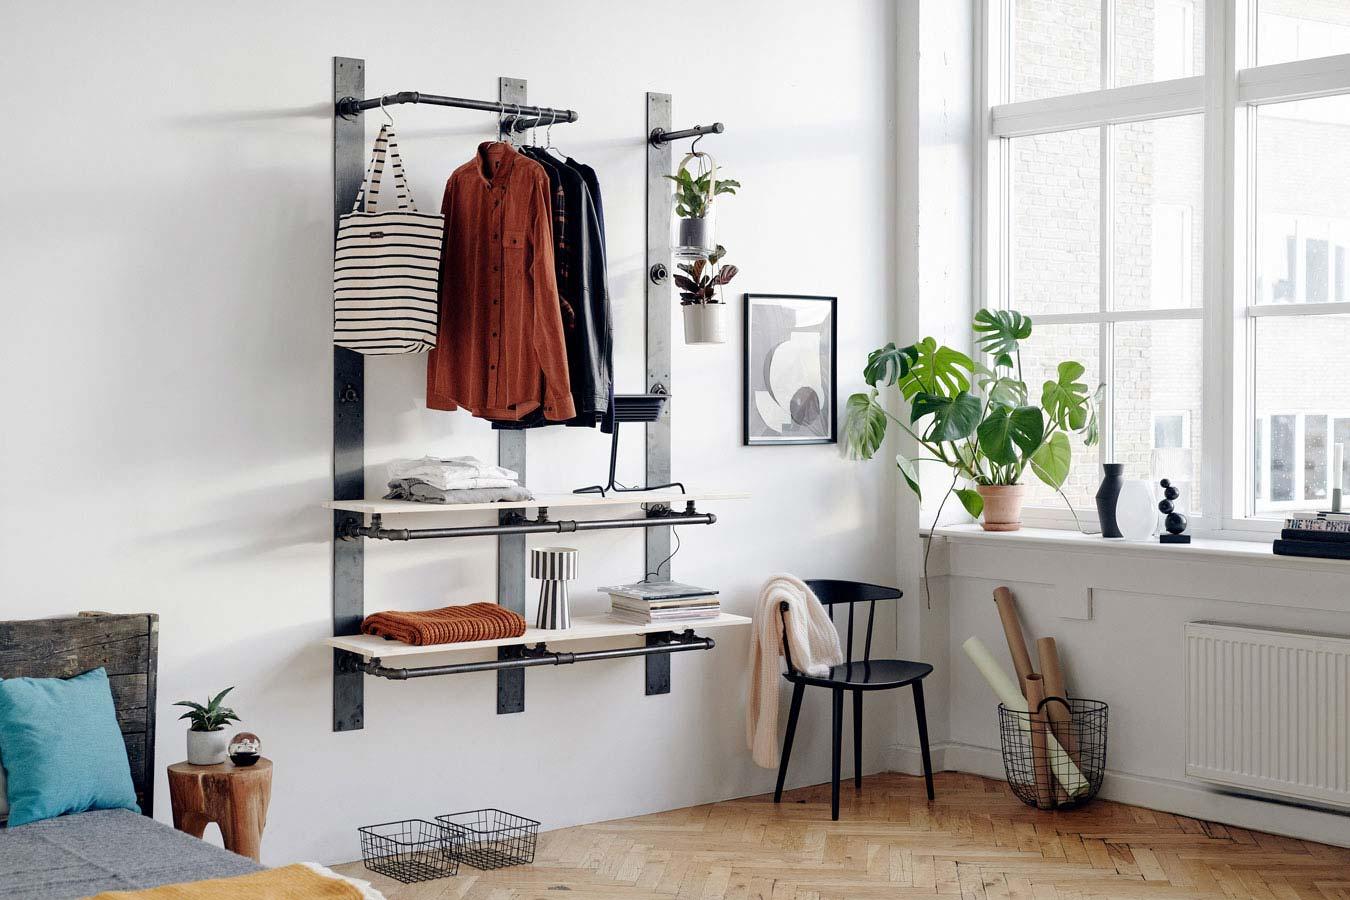 La Maison Du Dressing dressing : 30 inspirations pour vos vêtements